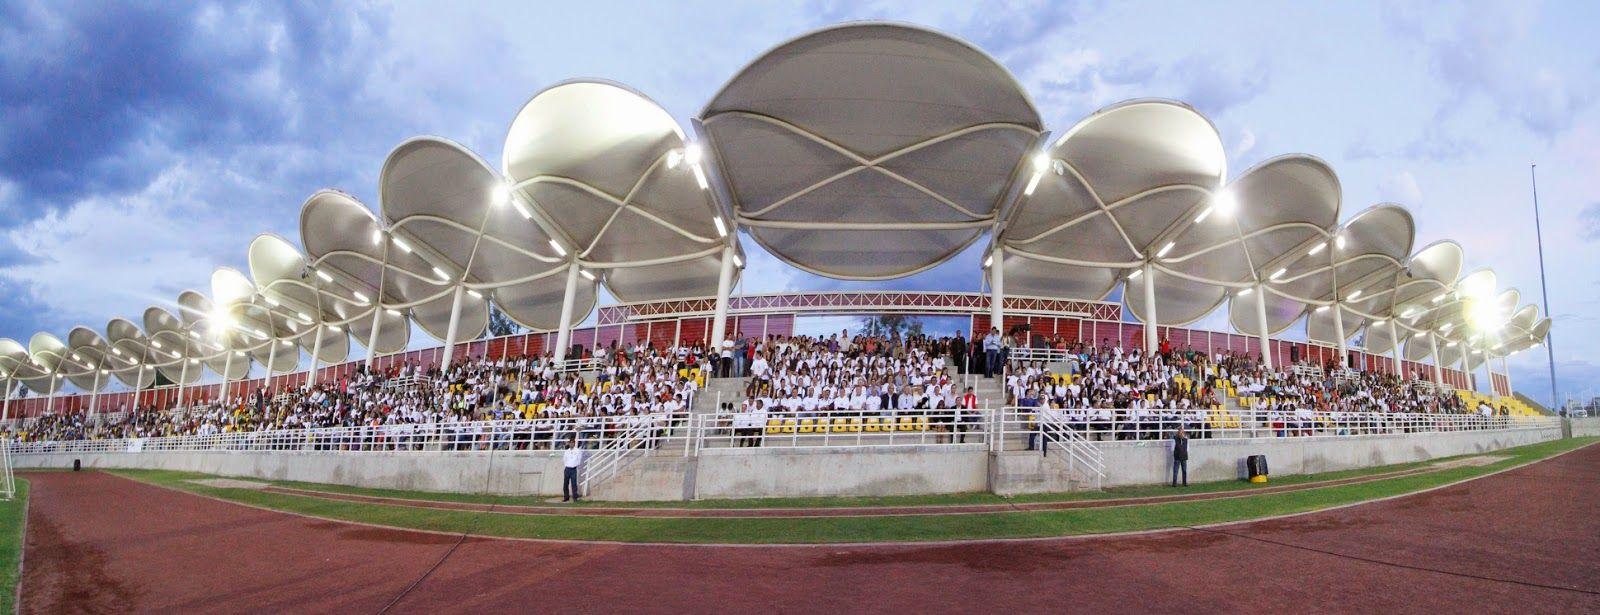 Fue inaugurada la Universiada 2014 ~ Ags Sports